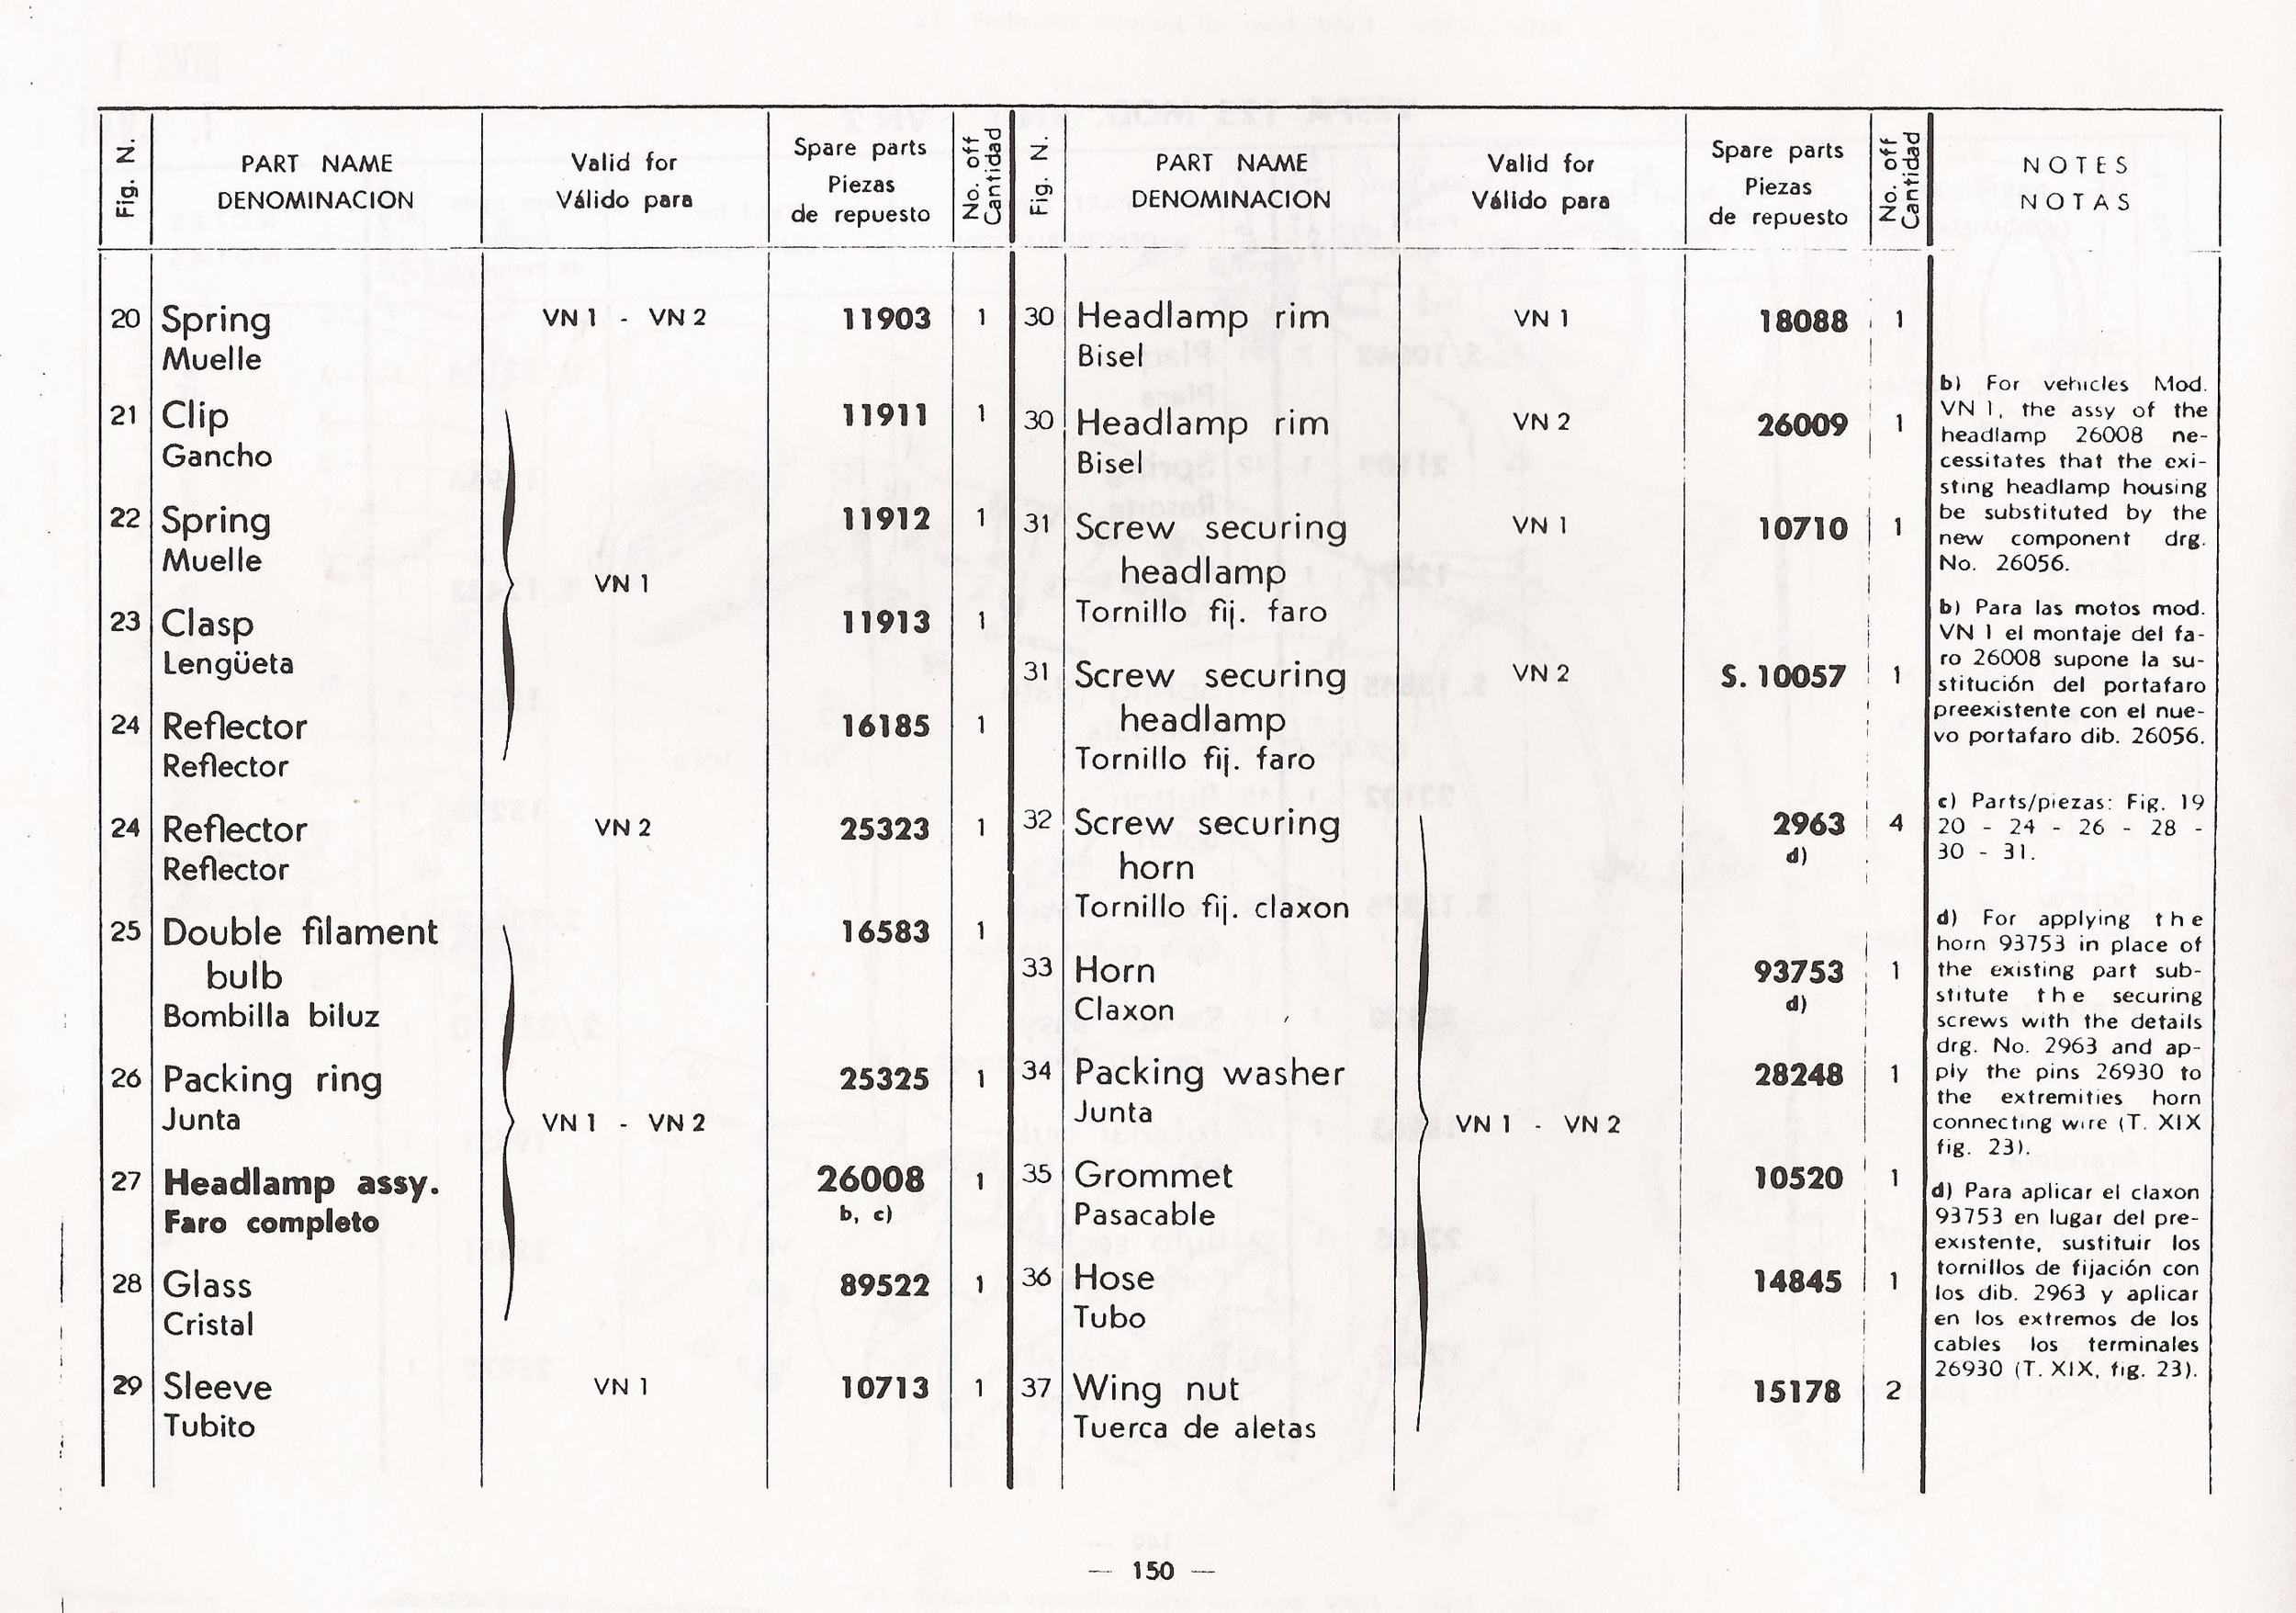 07-16-2013 vespa 125 catalog manuel 159.jpg